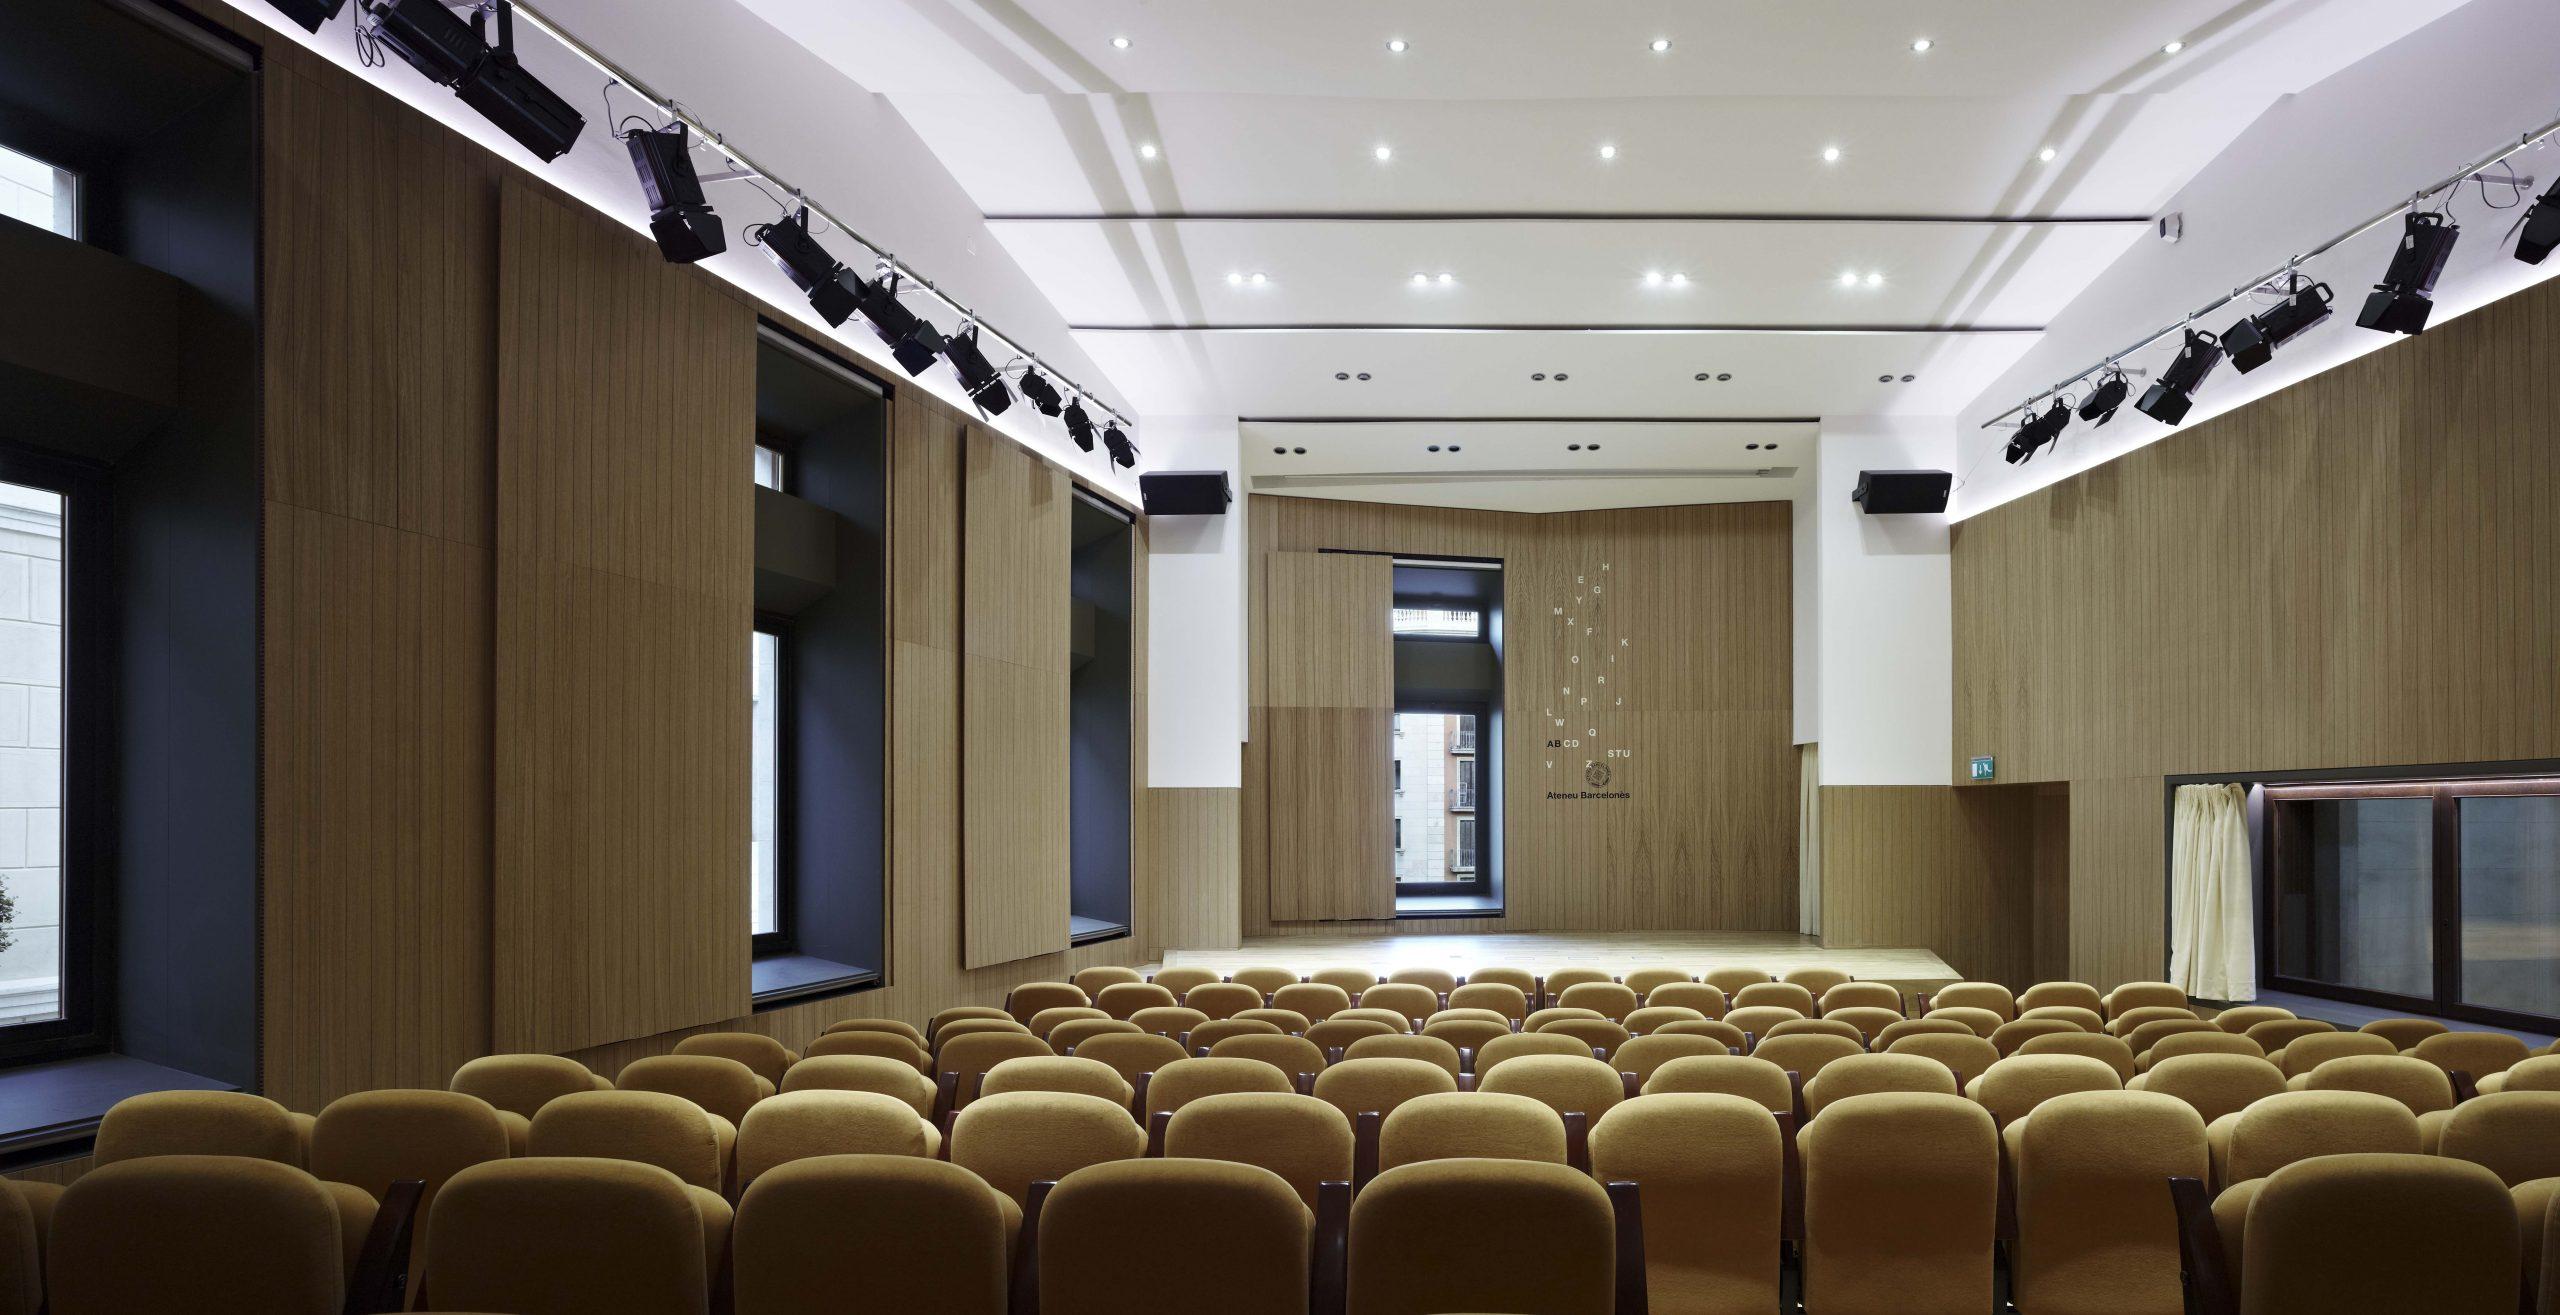 Vista frontal de la sala d'actes